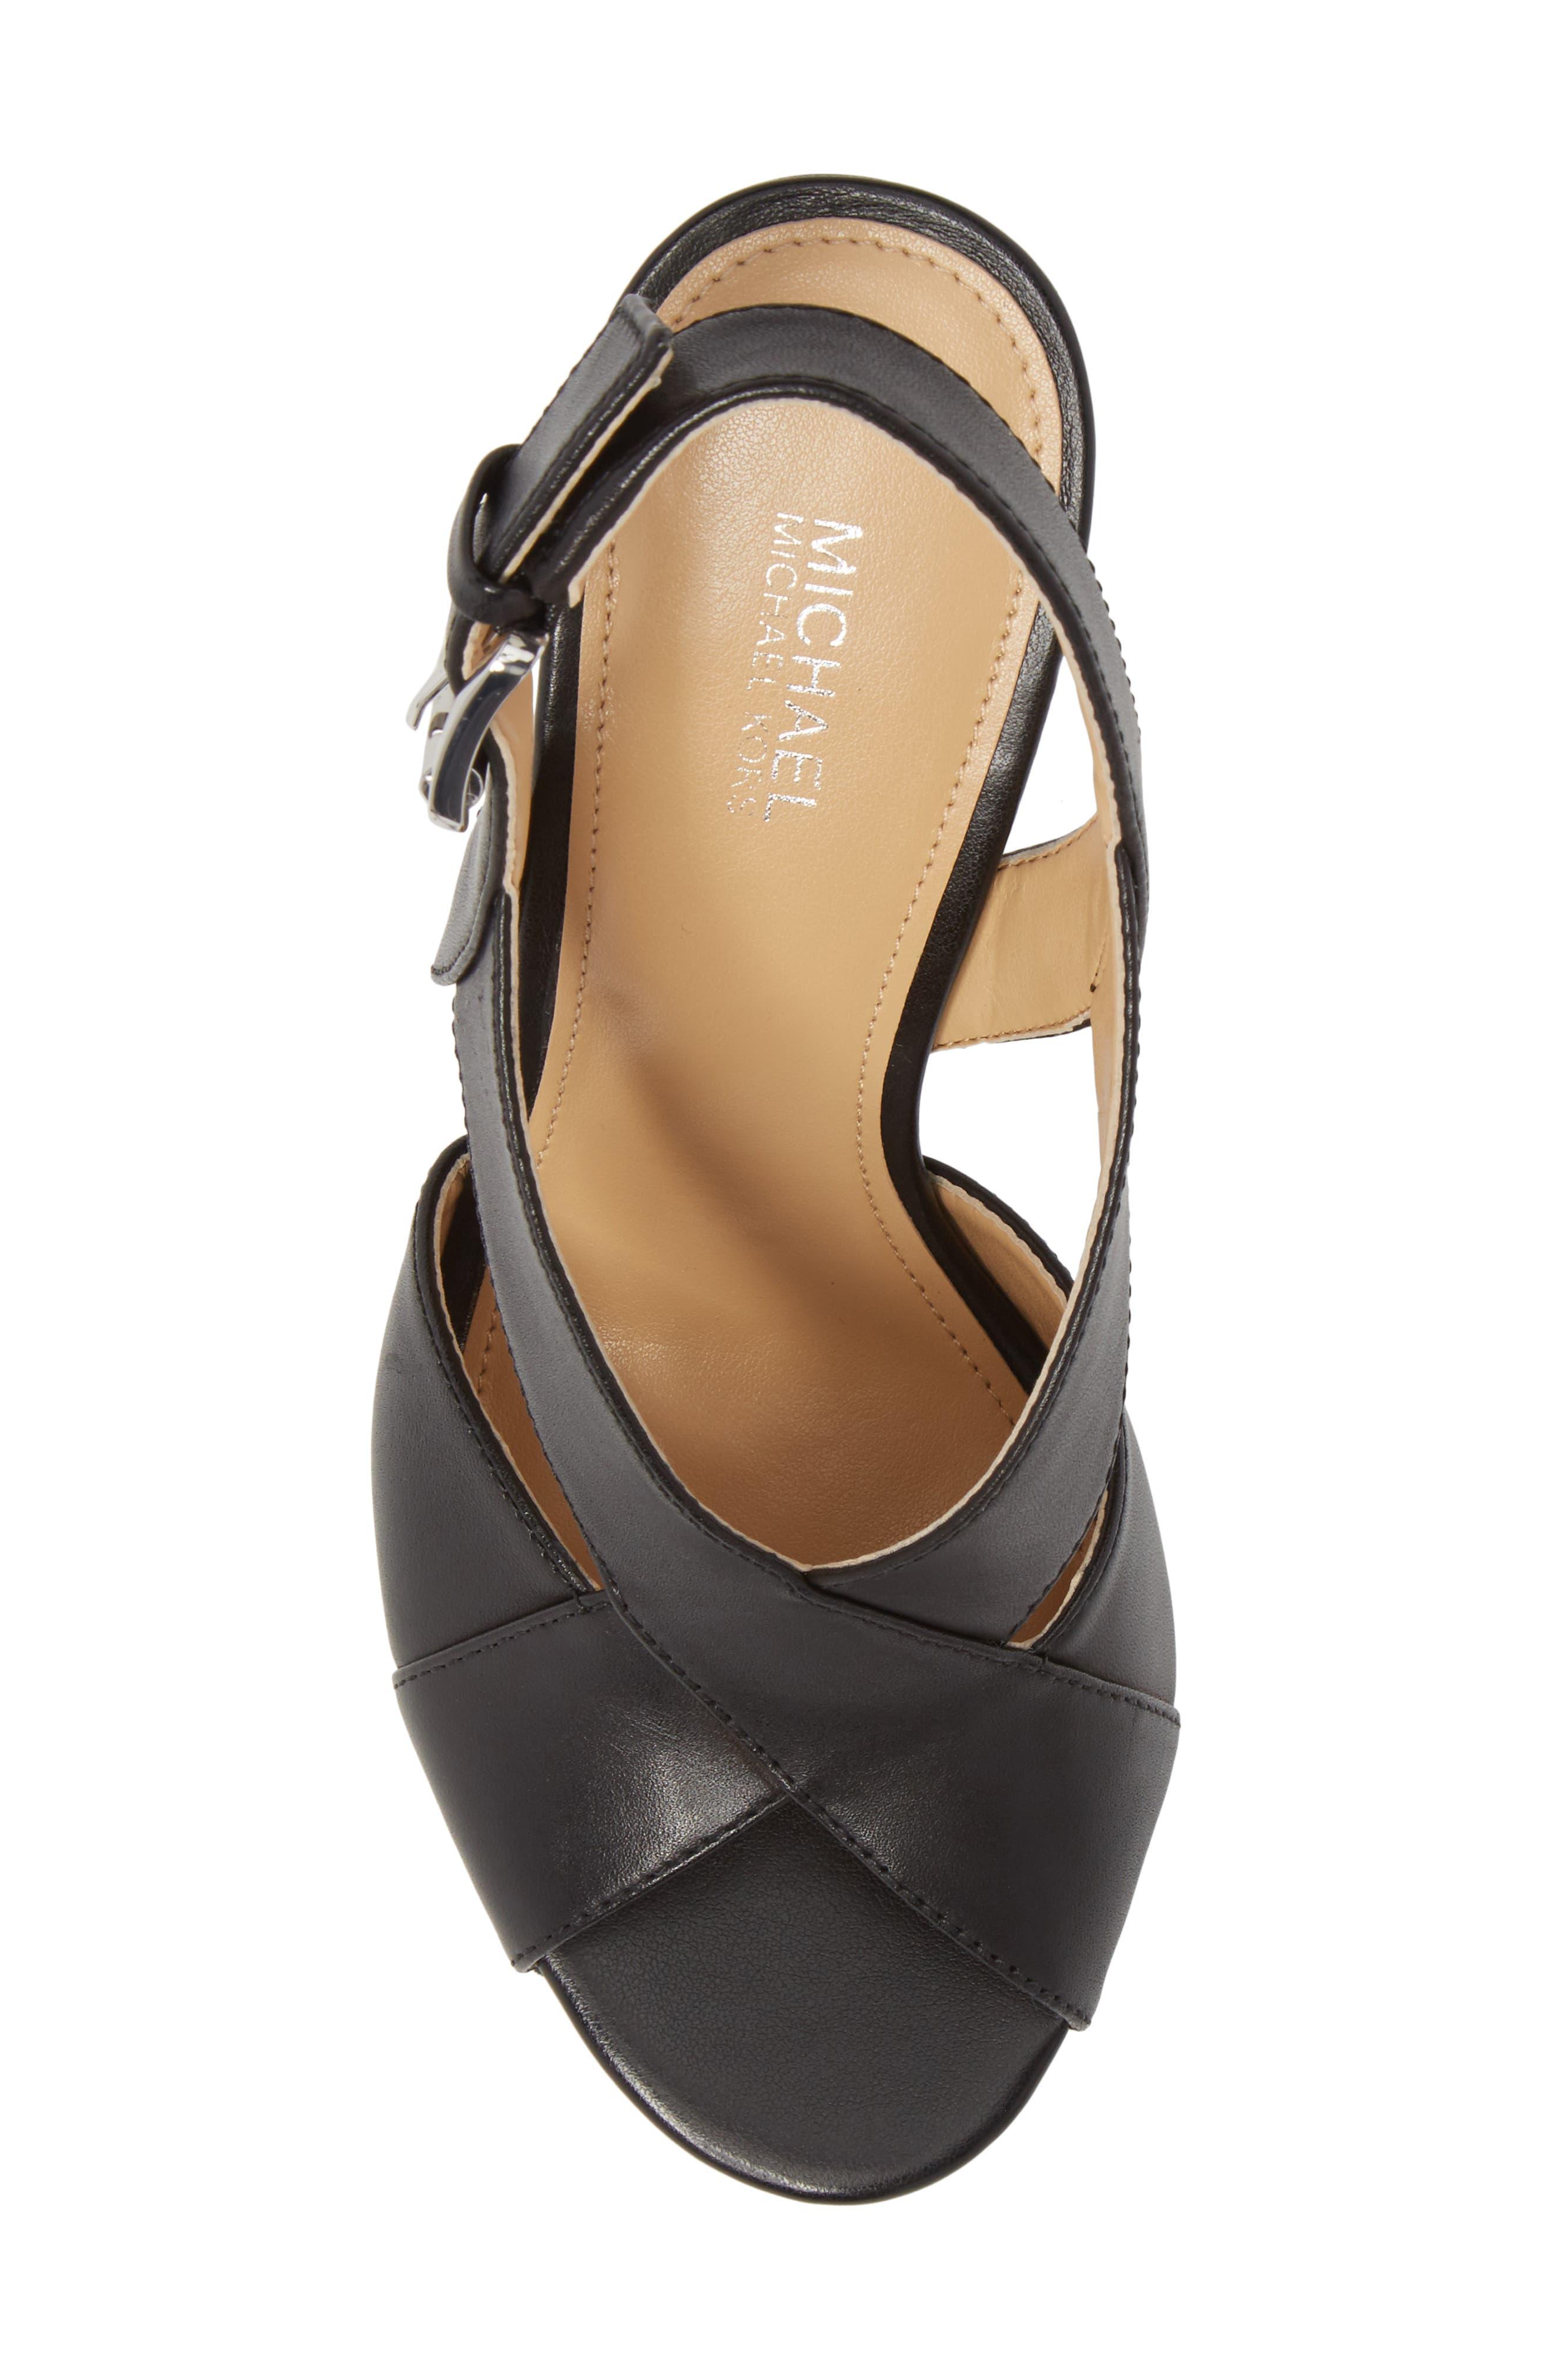 Becky Cross Strap Sandal,                             Alternate thumbnail 5, color,                             BLACK LEATHER